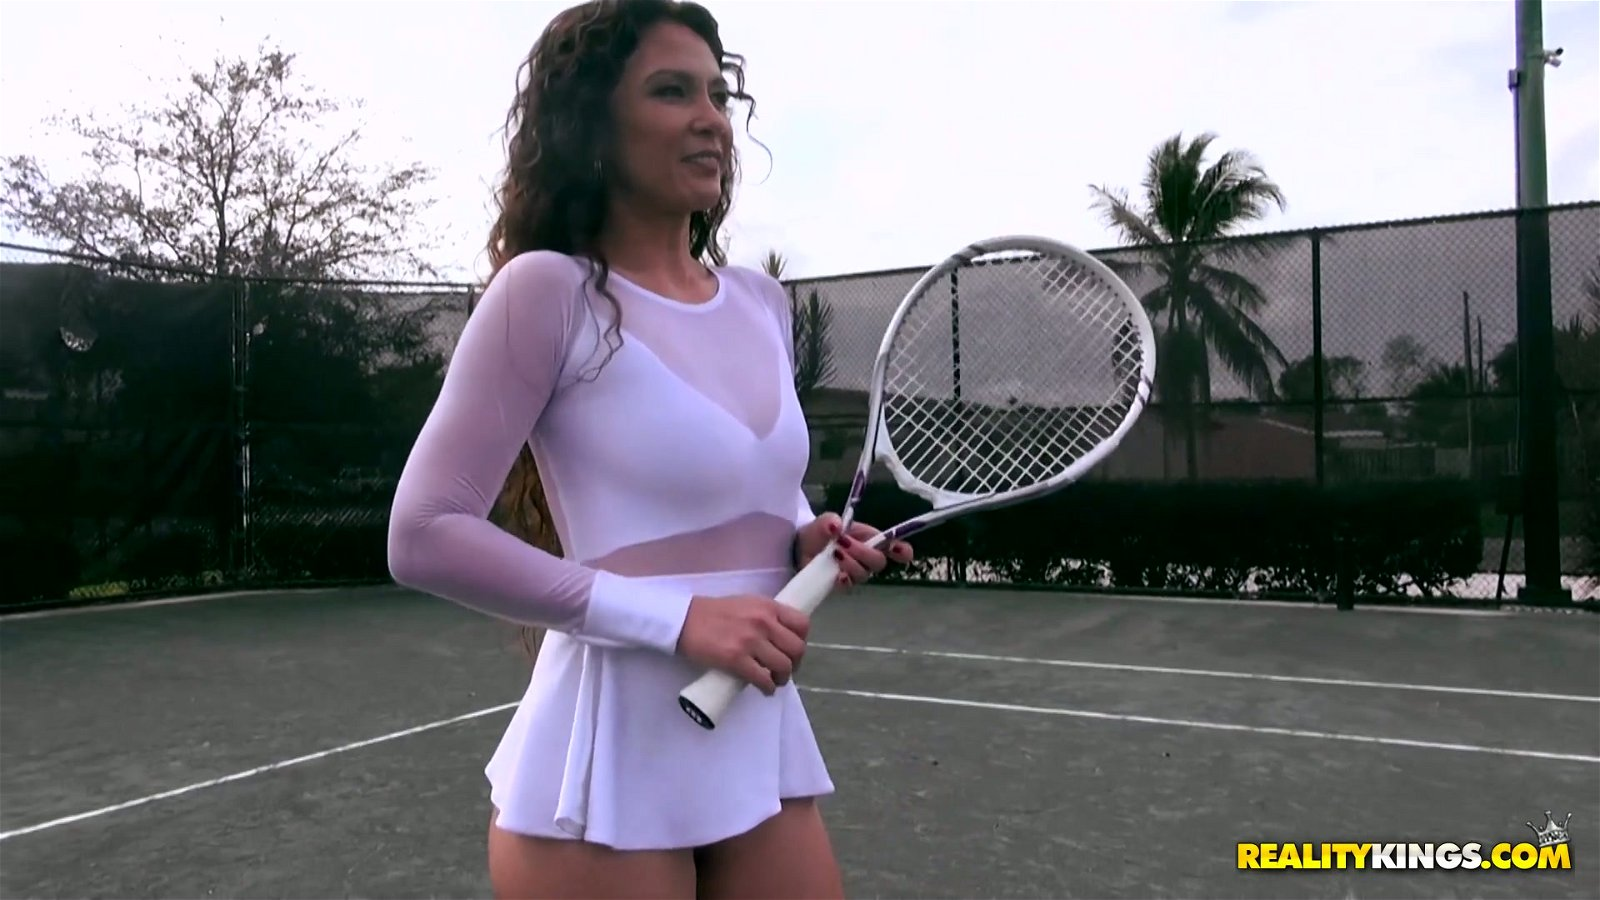 Mature milf playing tennis